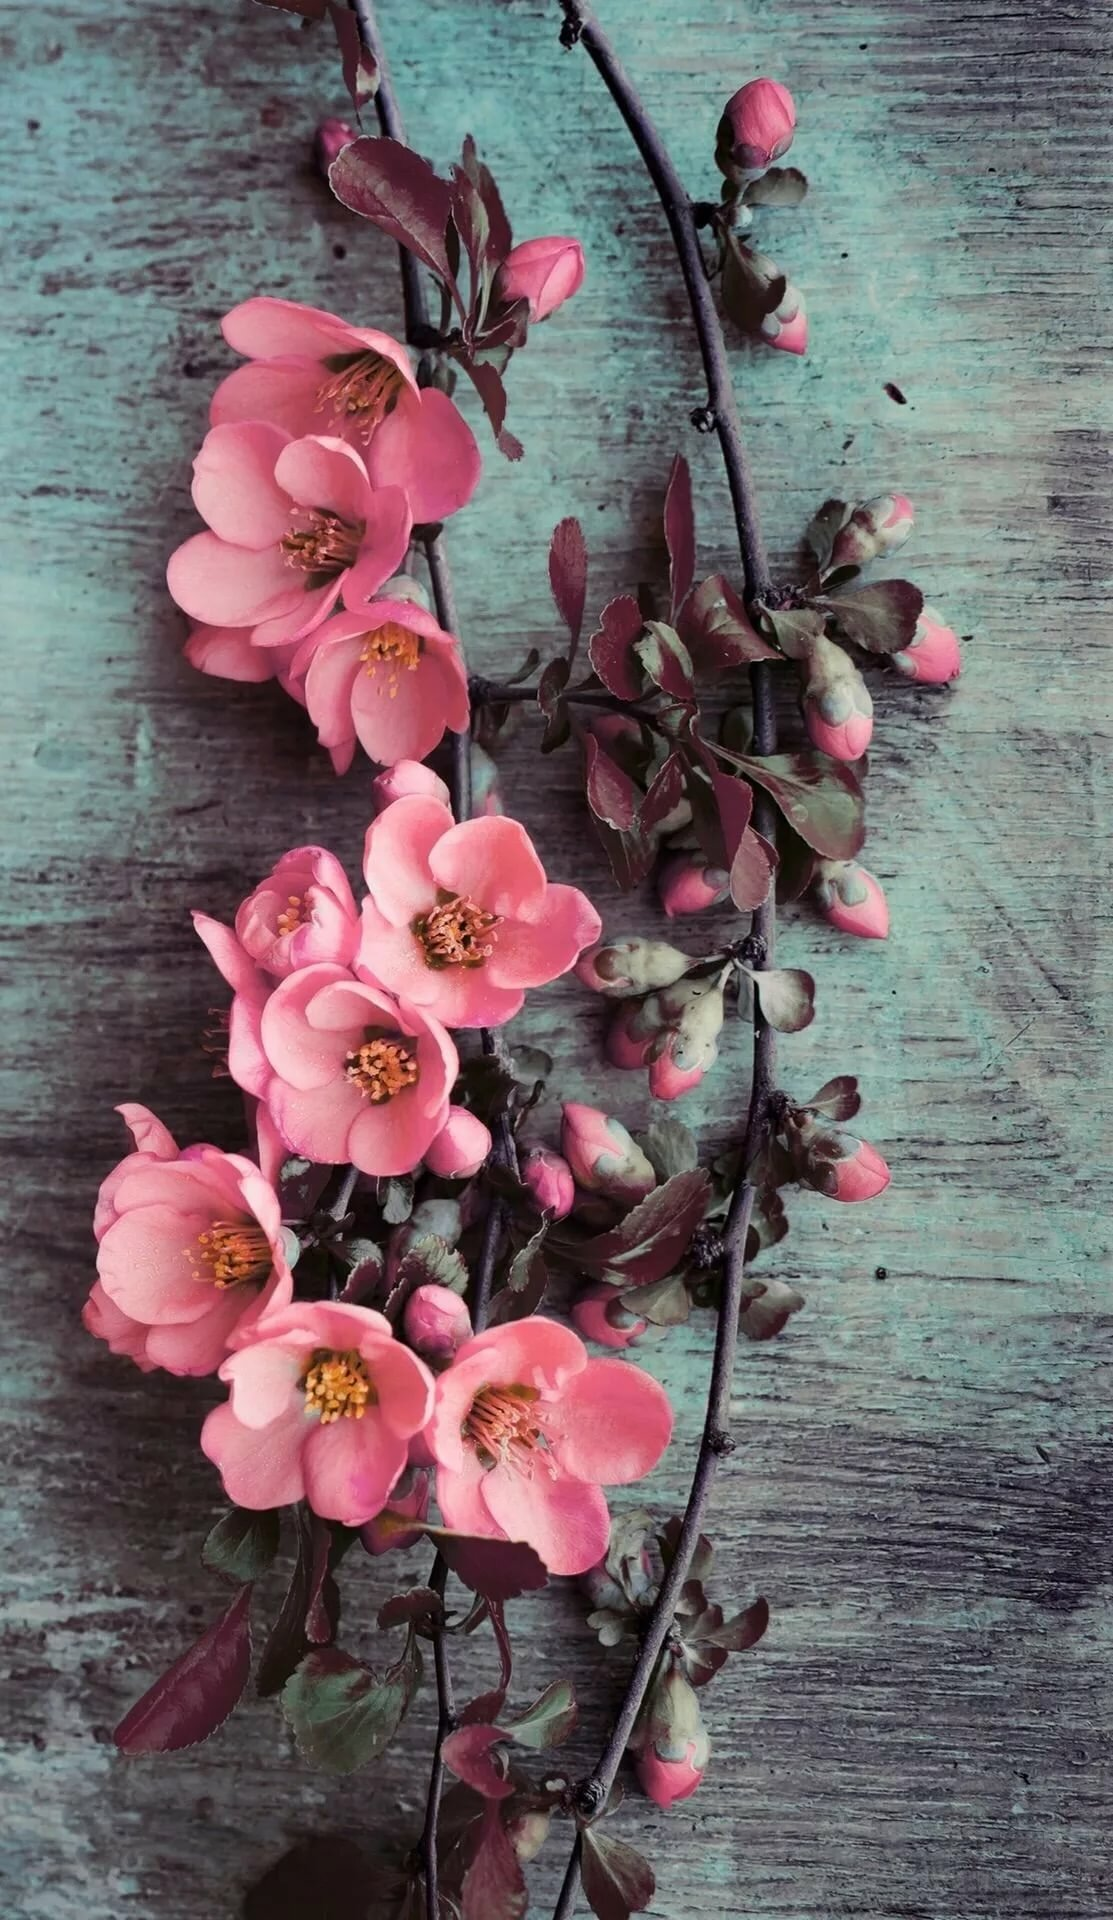 Картинки на айфон красивые цветы